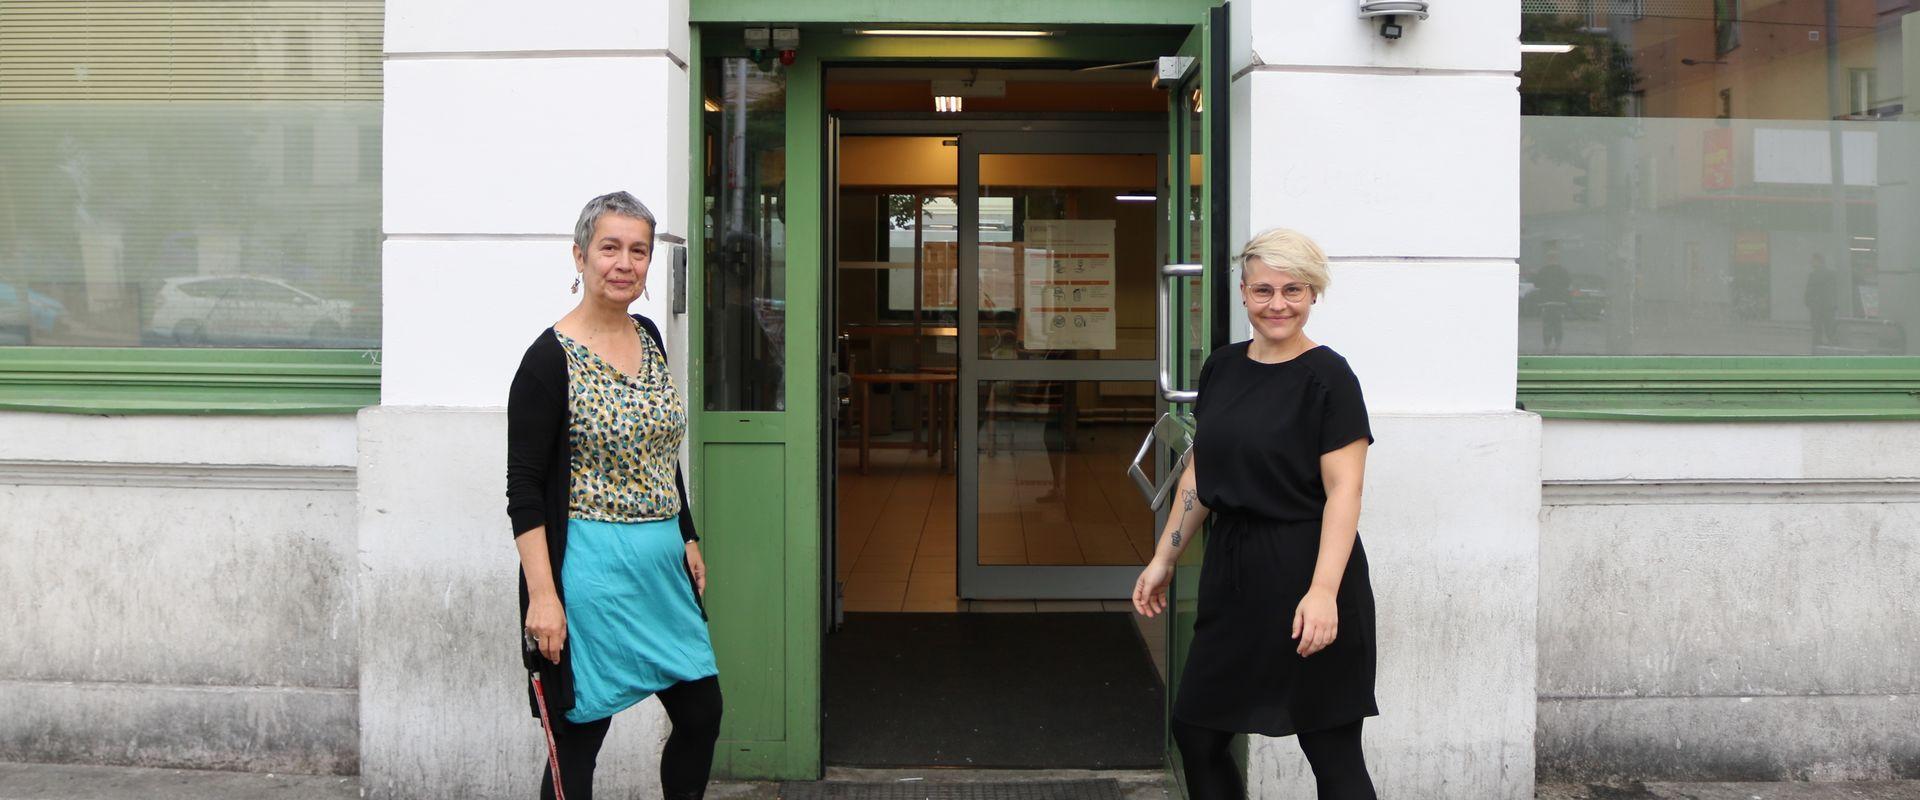 Nora Kobermann übergibt die Teamleitung der SozialarbeiterInnen an Angelika Reznik.